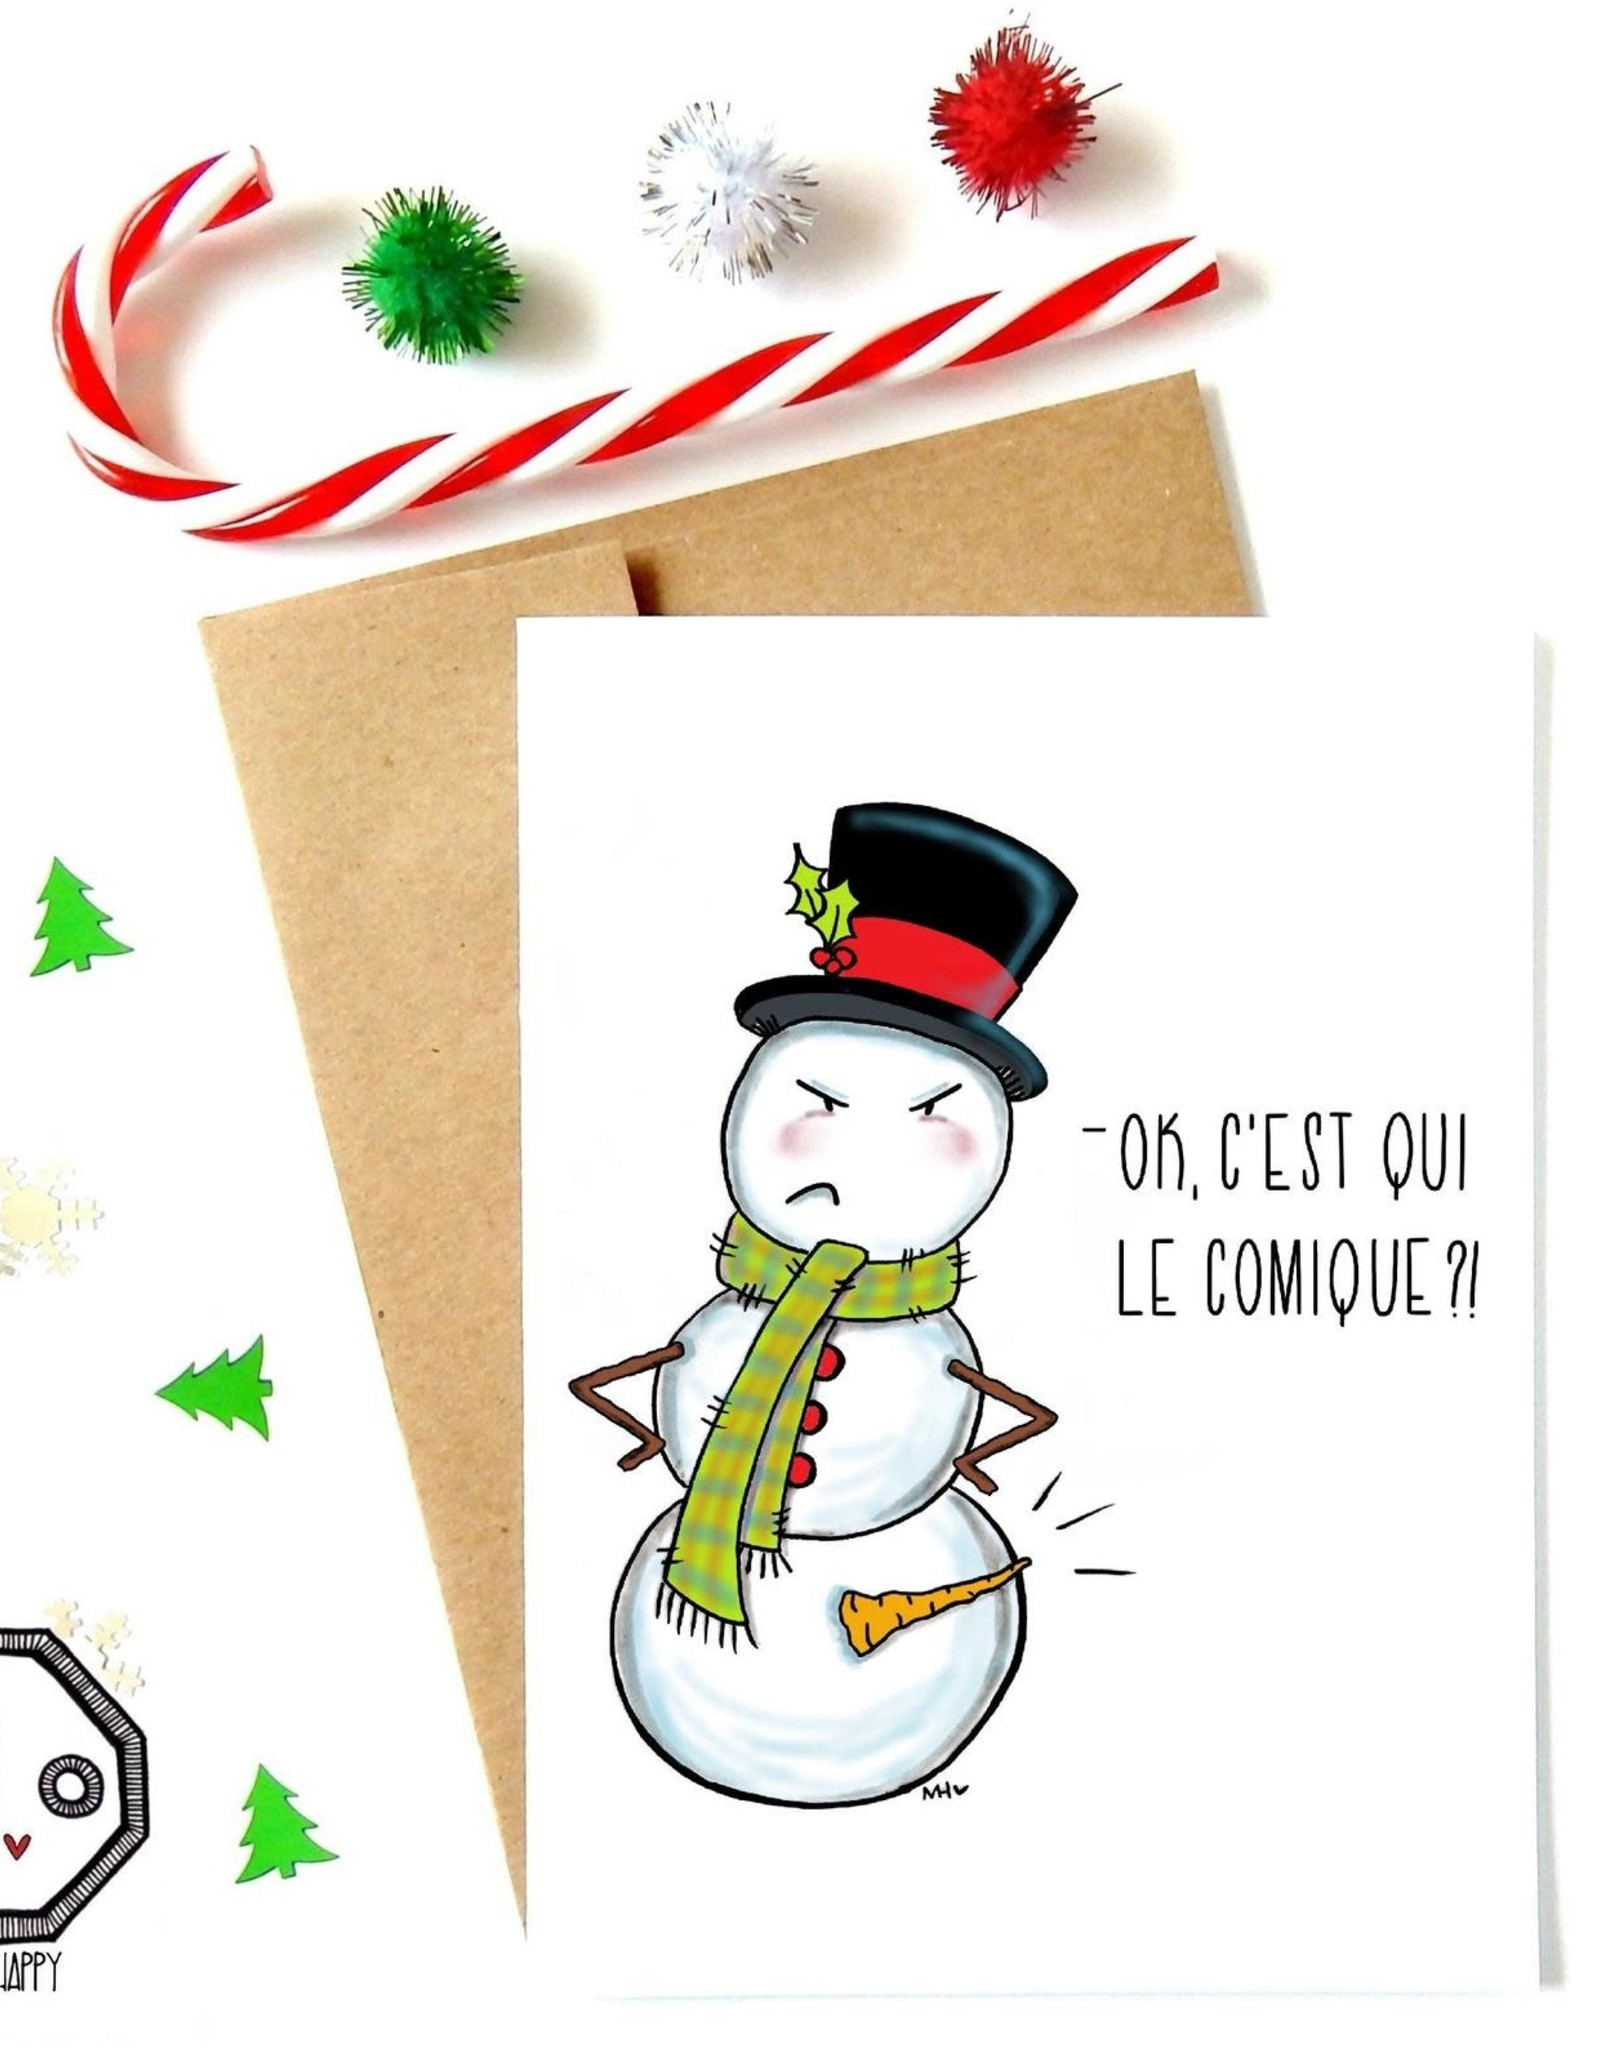 Made in Happy Carte de souhait - Bonhomme de neige fâché